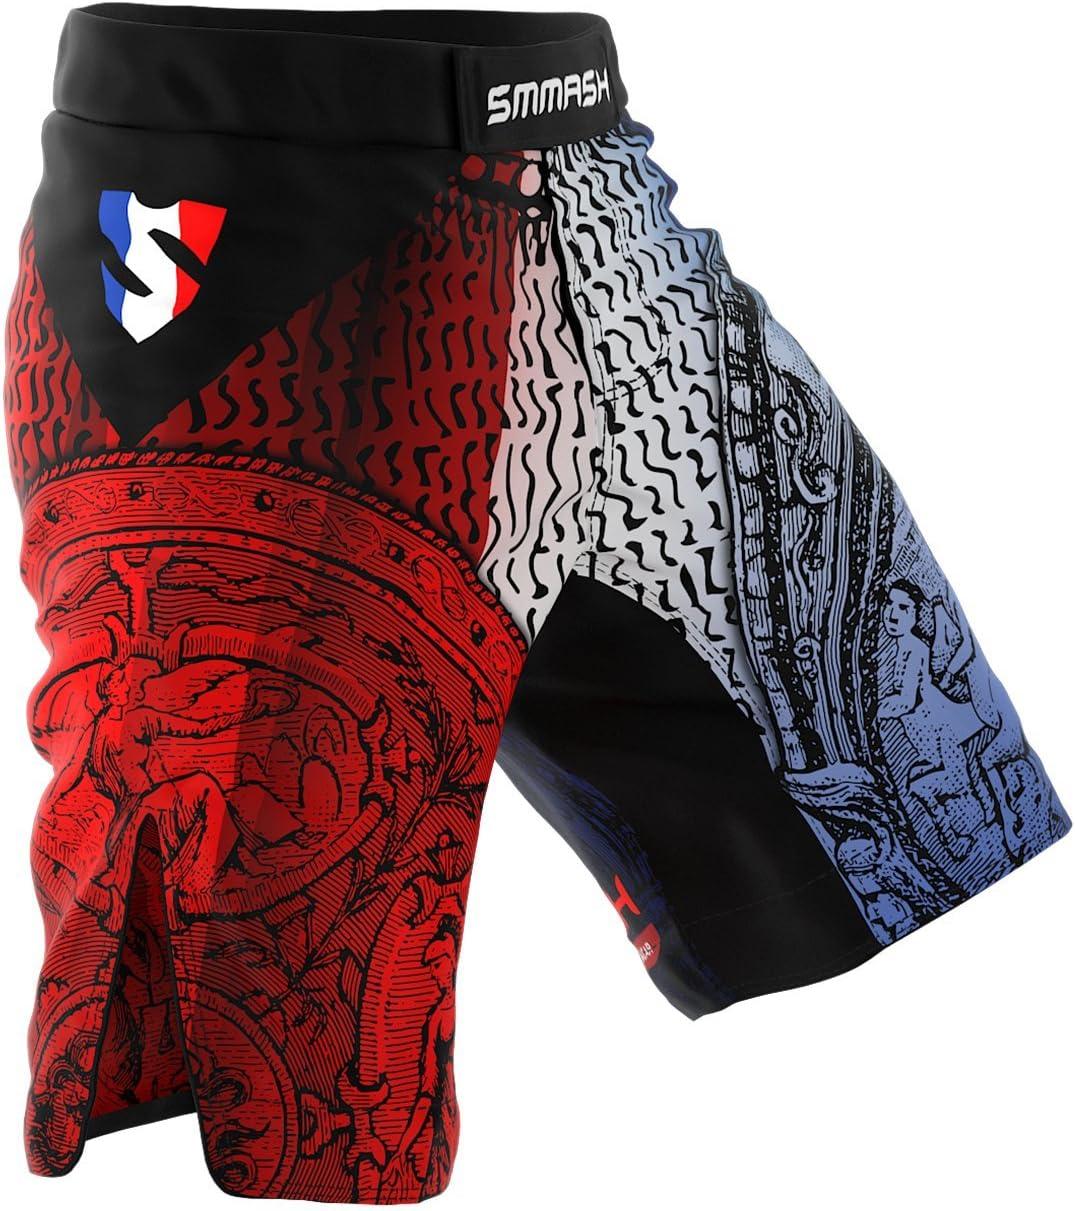 Hergestellt in der EU Krav MAGA Sportoberteile f/ür MMA SMMASH Shadow 2.0 Rashguard Kurzarm Herren K1 BJJ Kampfsport Funktionsshirt Herren Atmungsaktiv und Leicht Slim Fit